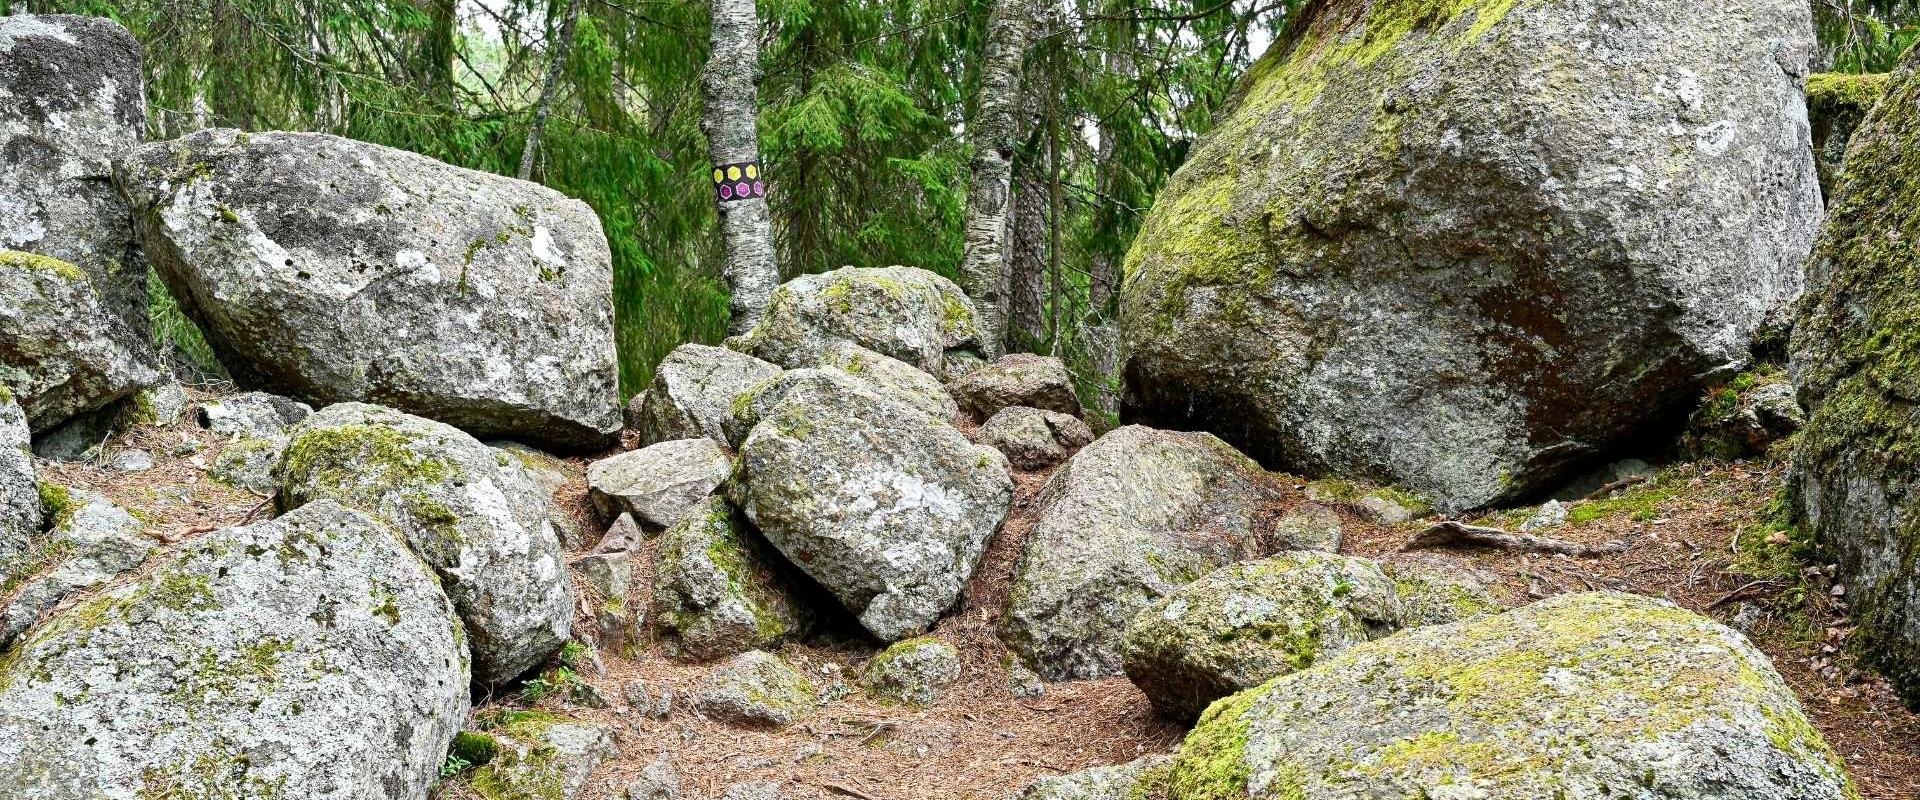 In Zweden wonen met de Legende van de boze reuzen